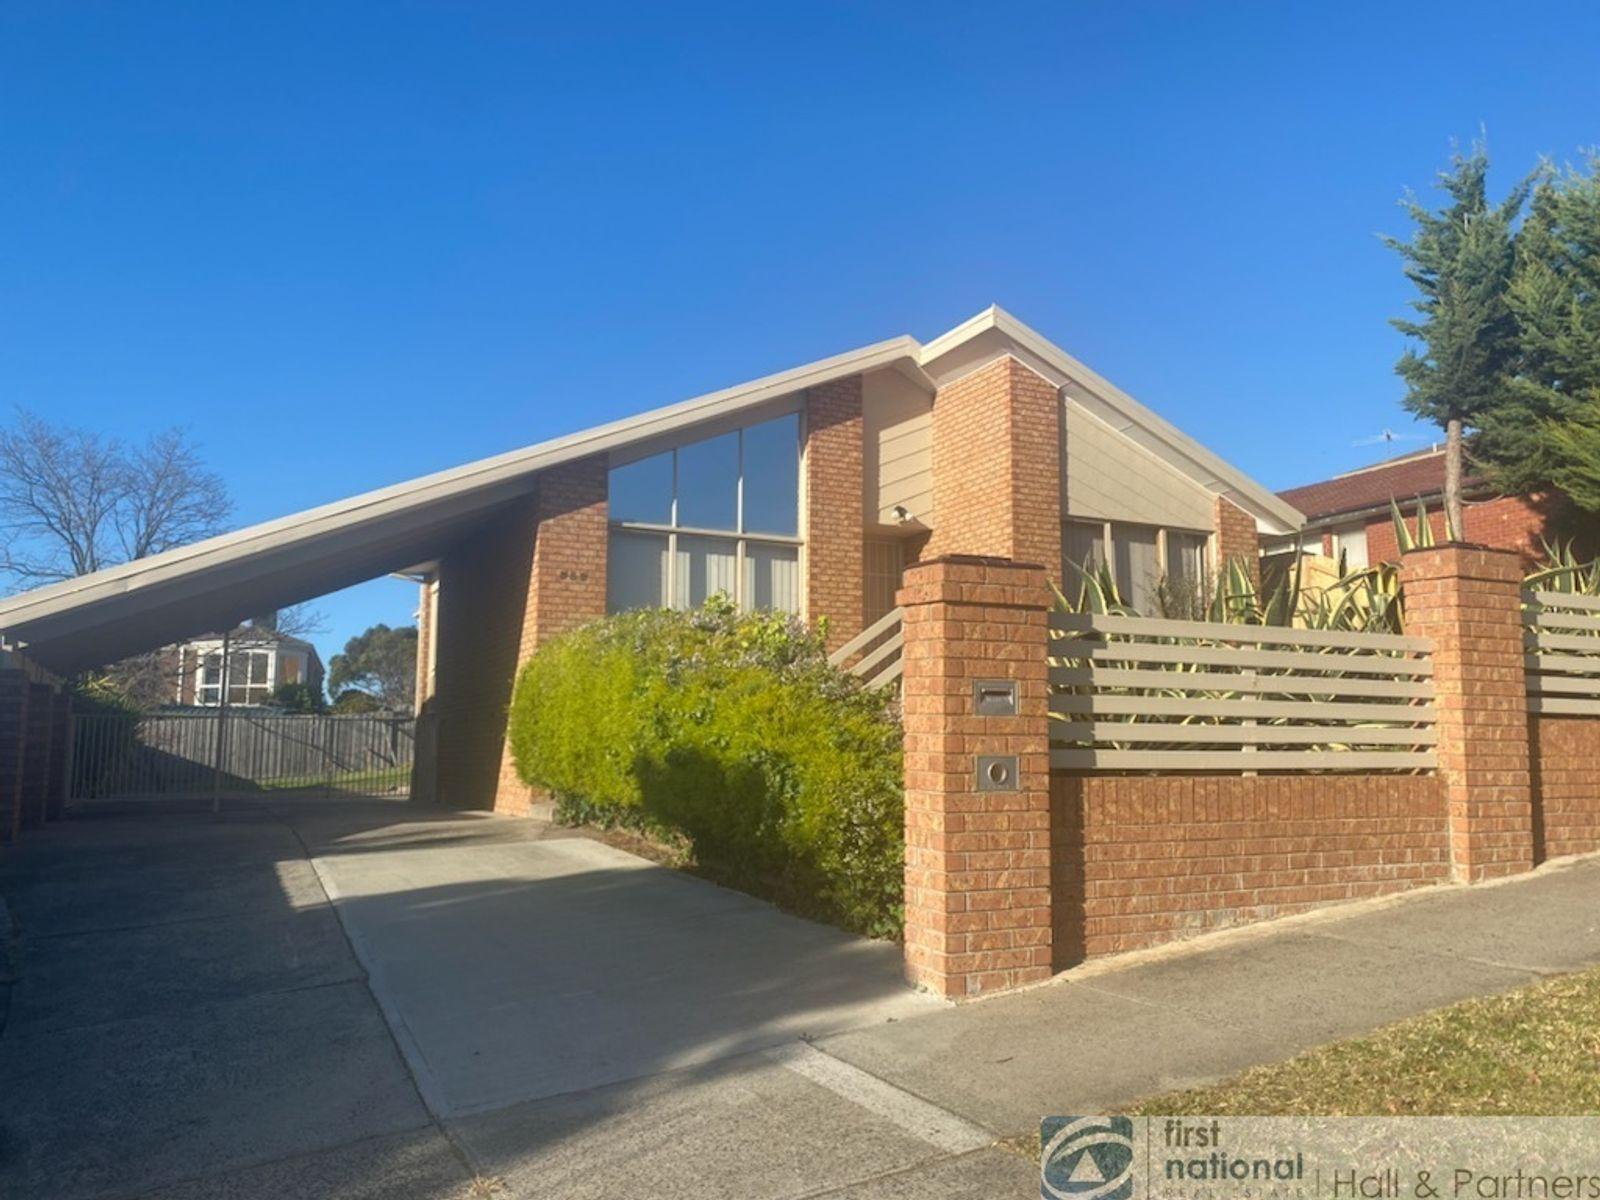 352 James Cook Drive, Endeavour Hills, VIC 3802